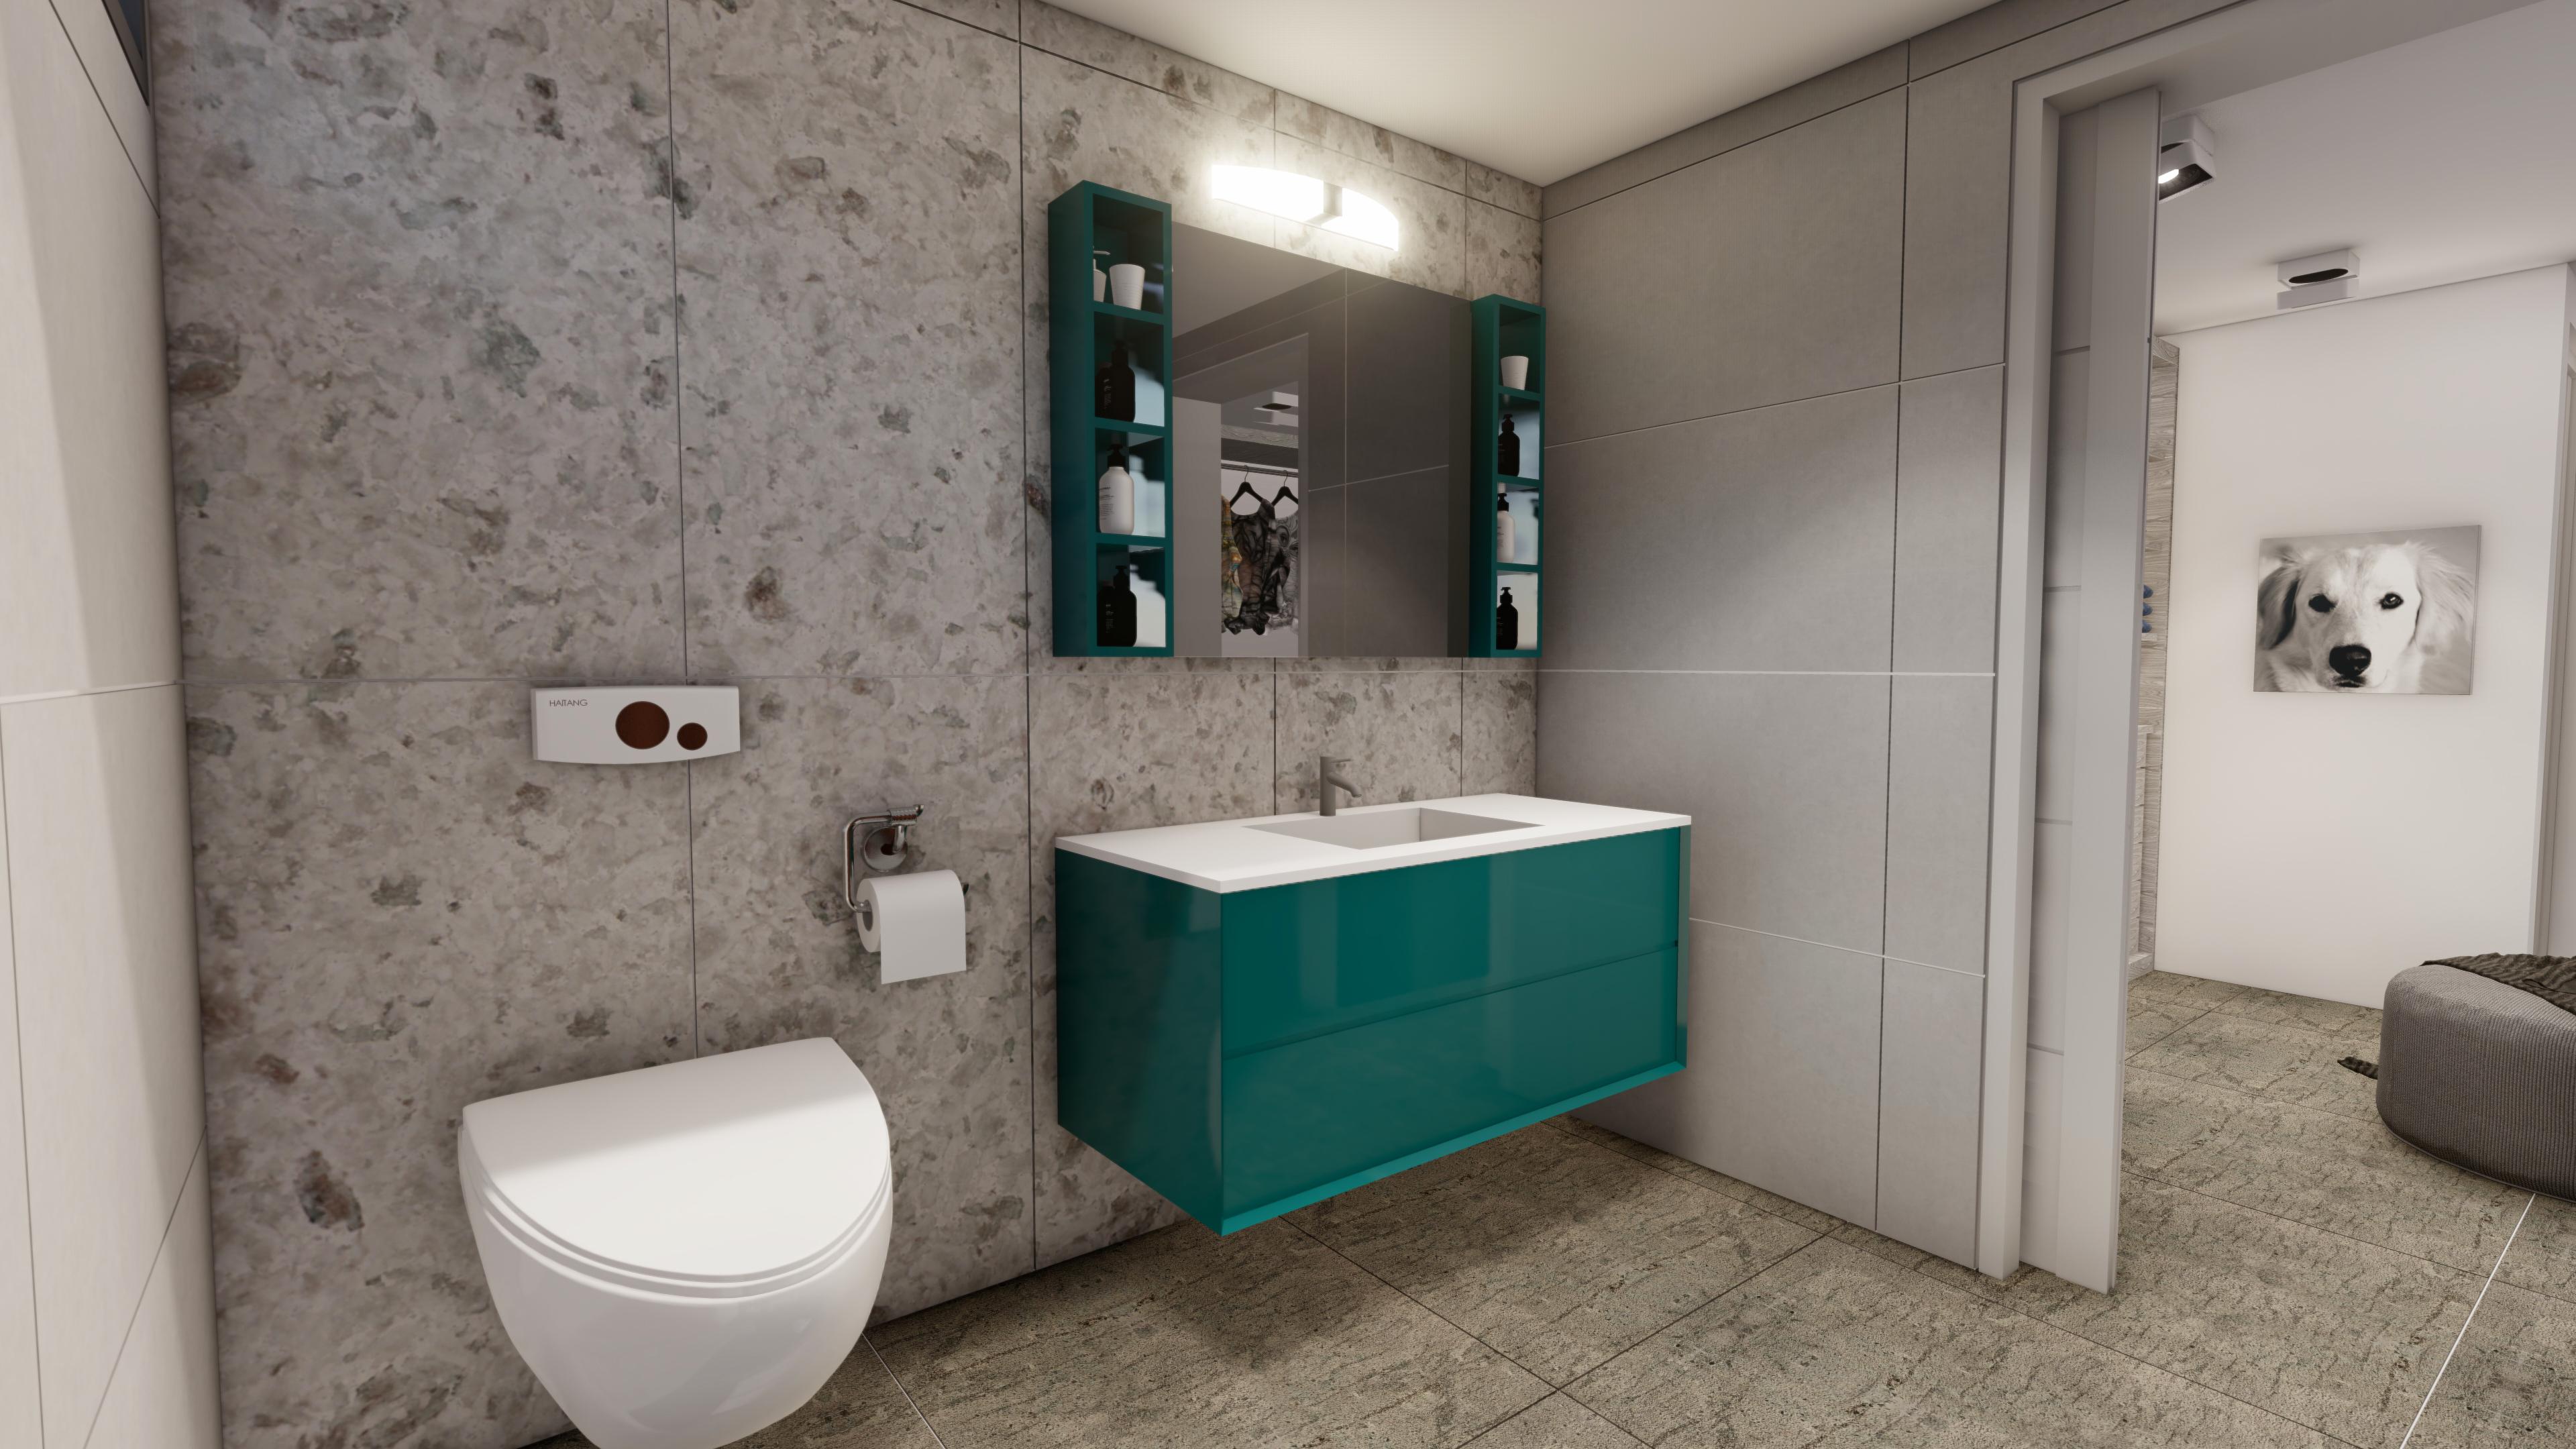 Baño Habitación Principal. Imagen 02